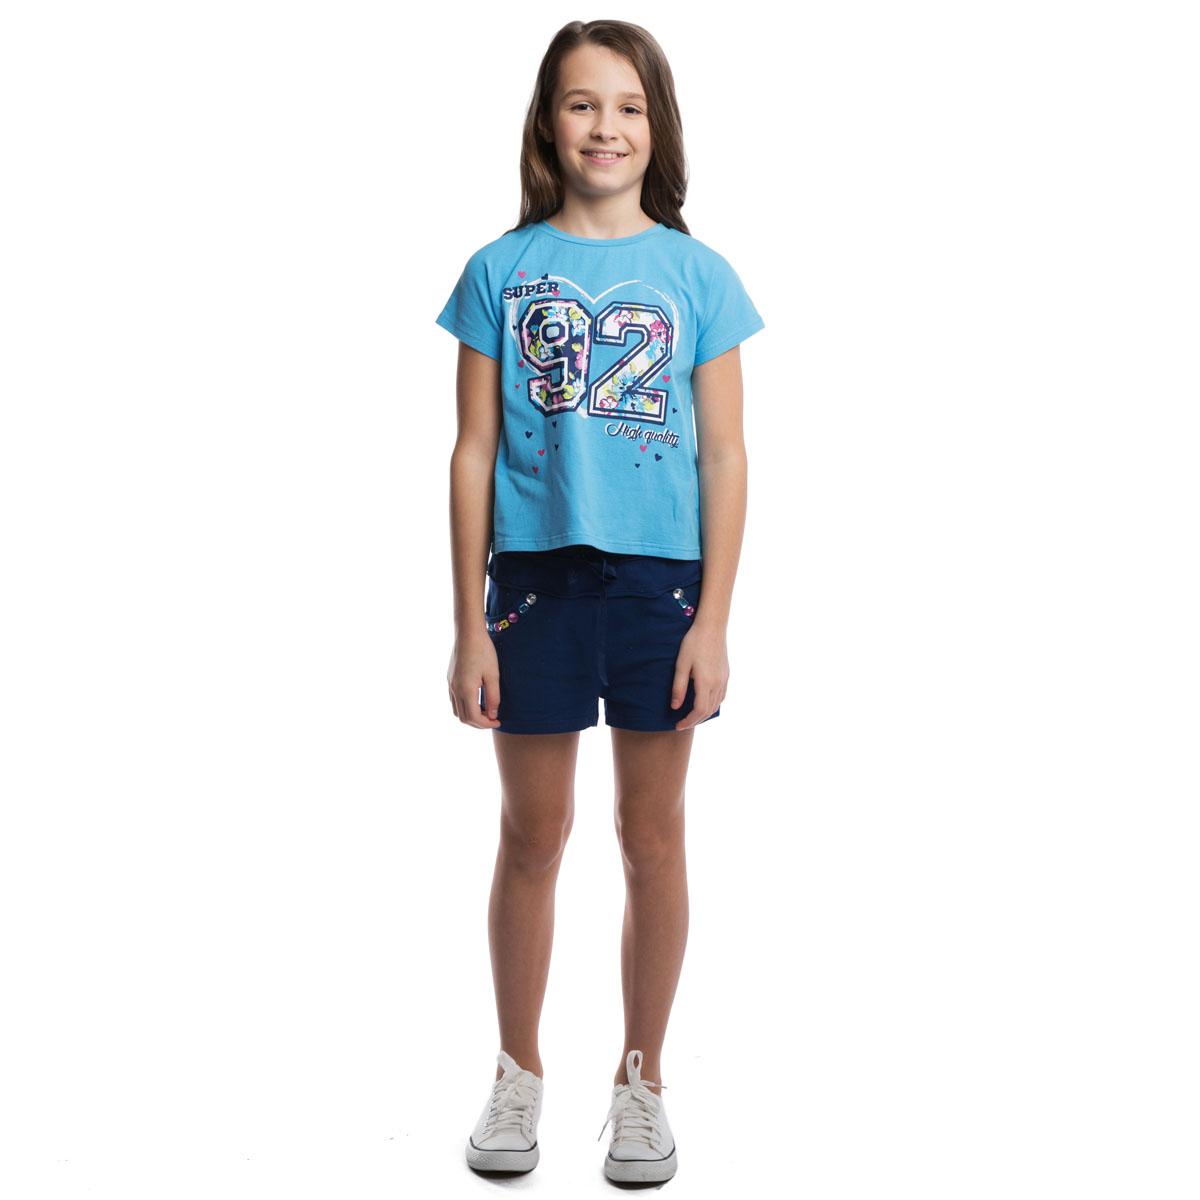 264020Мягкие хлопковые шорты сочетаются с любыми футболками и туниками. Спереди имеются два втачных кармана, украшенных крупными стразами в основных цветах коллекции: фуксия, бирюзовый, лимонно-лаймовый. Широкий пояс на резинке дополнительно регулируется шнурком.